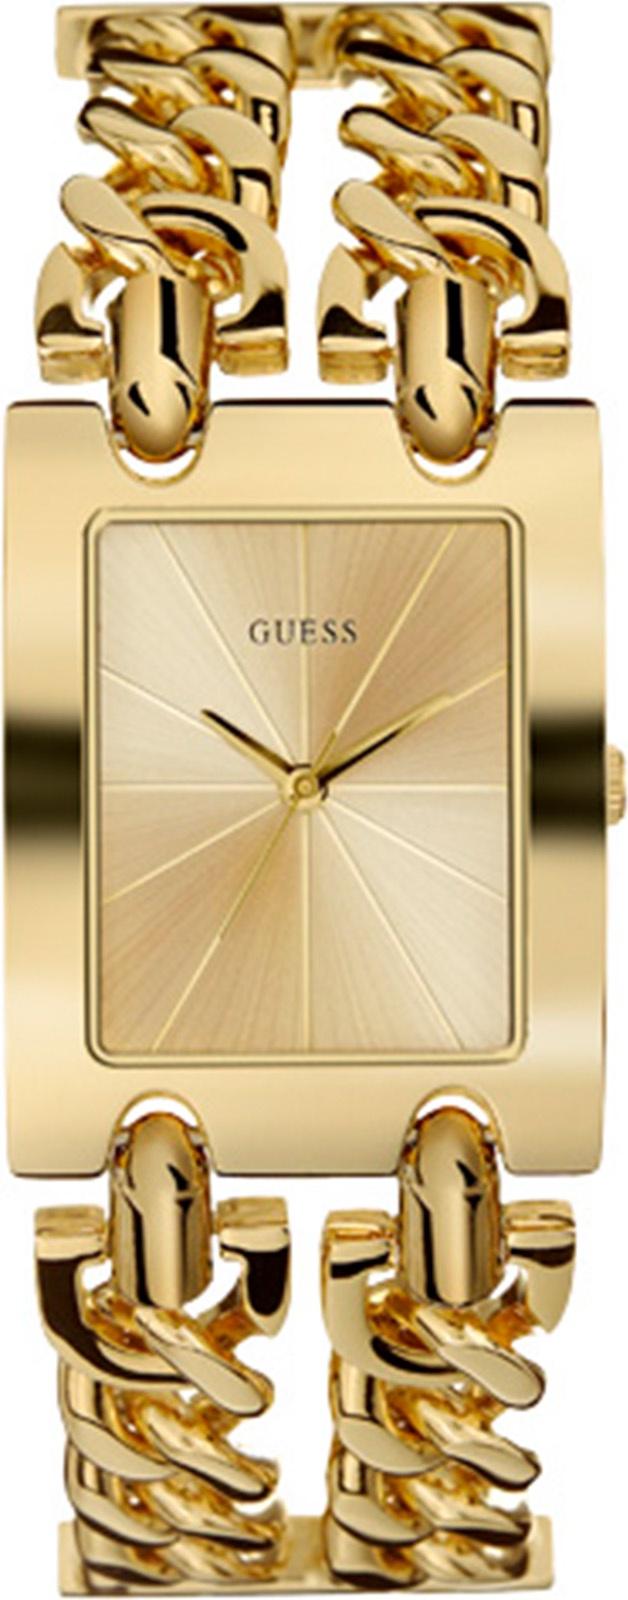 Наручные часы Guess MOD HEAVY METAL наручные часы guess w0658g4